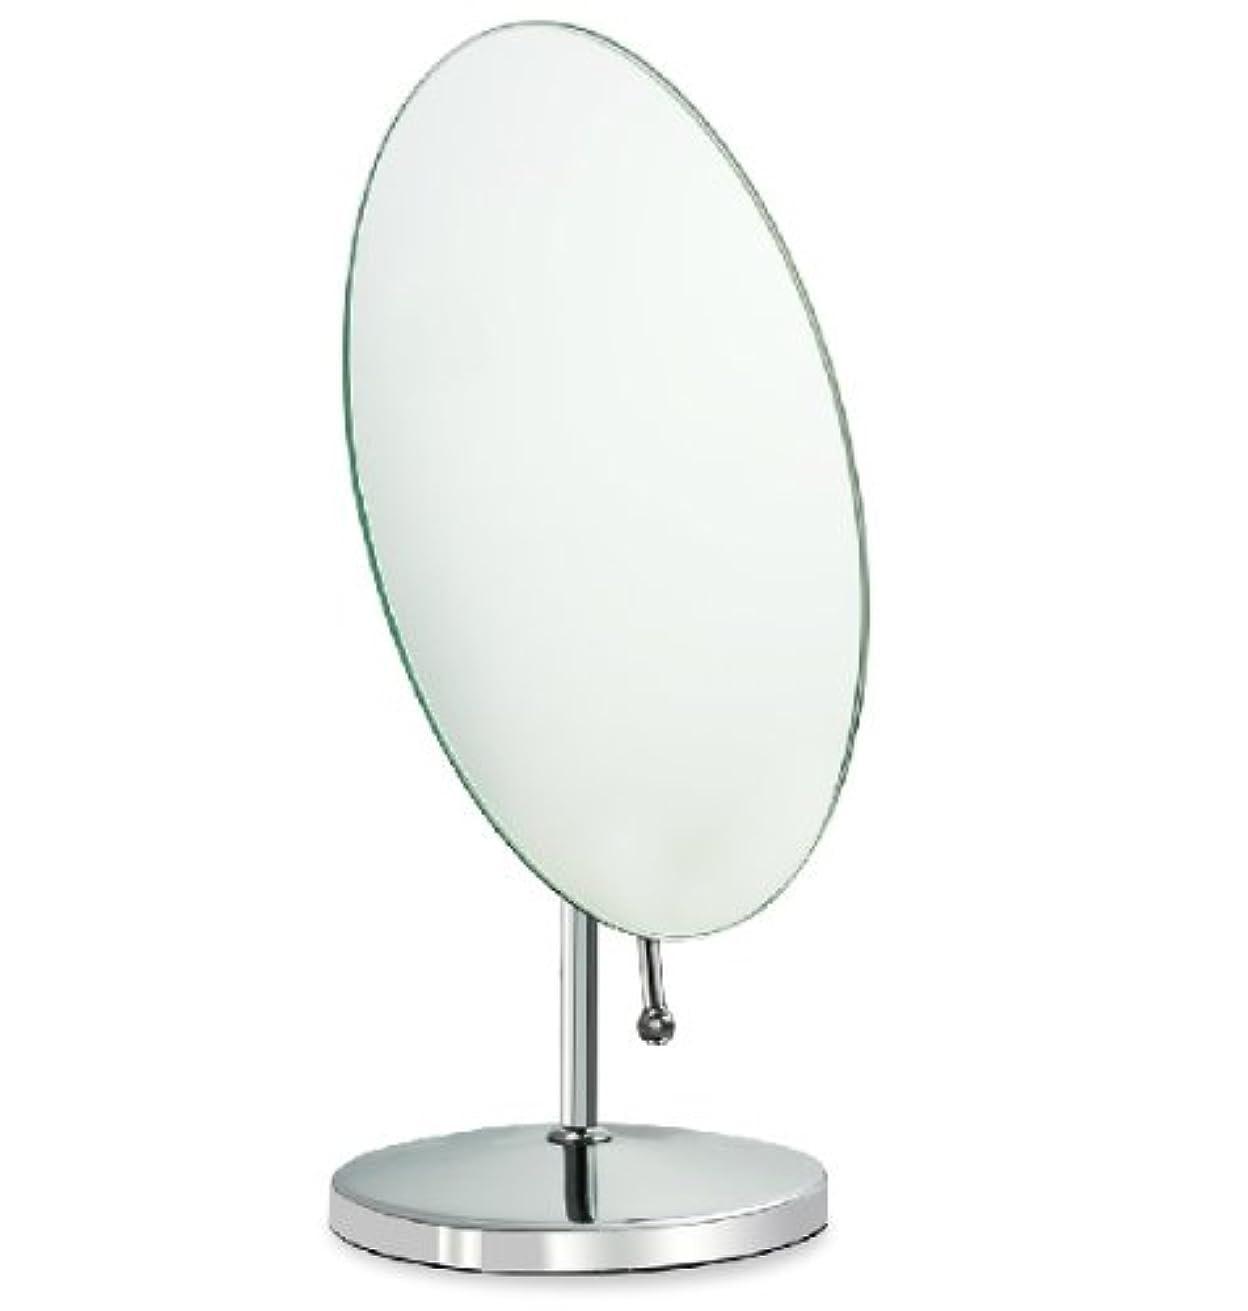 協同血色の良いマイクロ鏡 卓上鏡 化粧鏡 スタンドミラー 全方向可動式 取っ手付き鏡 大きめな楕円形